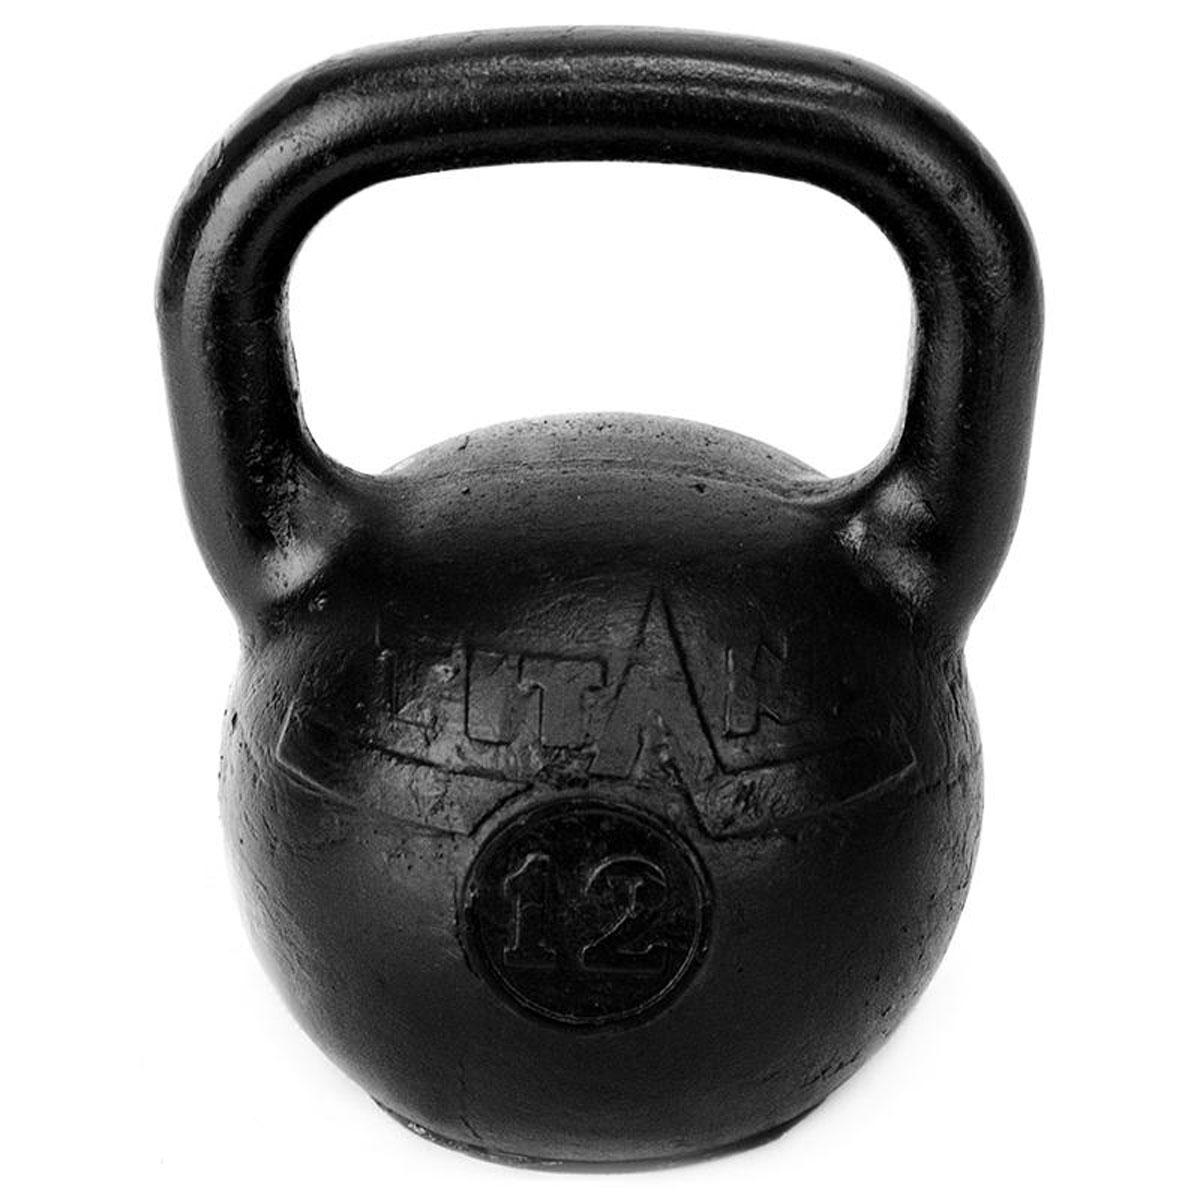 Гиря чугунная Titan, 12 кгTITAN-12Гиря Titan выполнена из высококачественного прочного чугуна. Эргономичная рукоятка не скользит в руке, обеспечивая надежный хват. Чугунная гиря прочна, долговечна, устойчива к коррозии и температурам, поэтому является одними из самых популярных спортивных снарядов. Гири - это самое простое и самое гениальное спортивное оборудование для развития мышечной массы. Правильно поставленные тренировки с ними позволяют не только нарастить мышечную массу, но и развить повышенную выносливость, укрепляют сердечнососудистую систему и костно-мышечный аппарат.Вес гири: 12 кг.